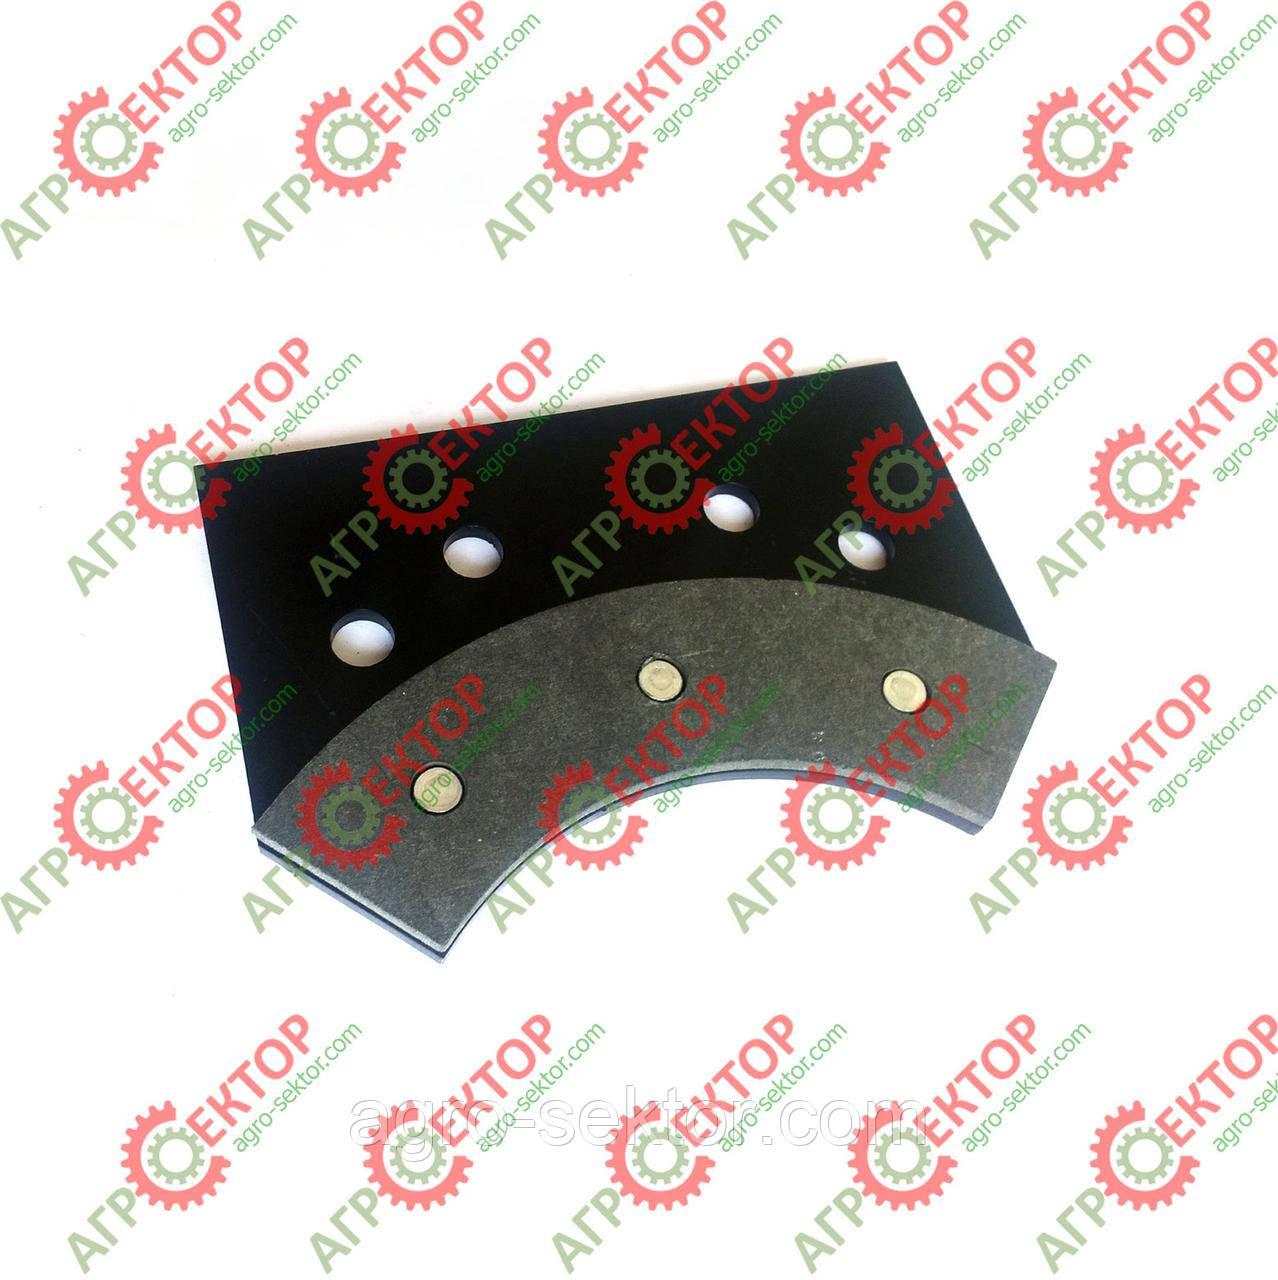 Тормозна колодка внутрішня дискового тормоза в'язального апарата на пресспідбирач Sipma Z-224 2012-070-550.00